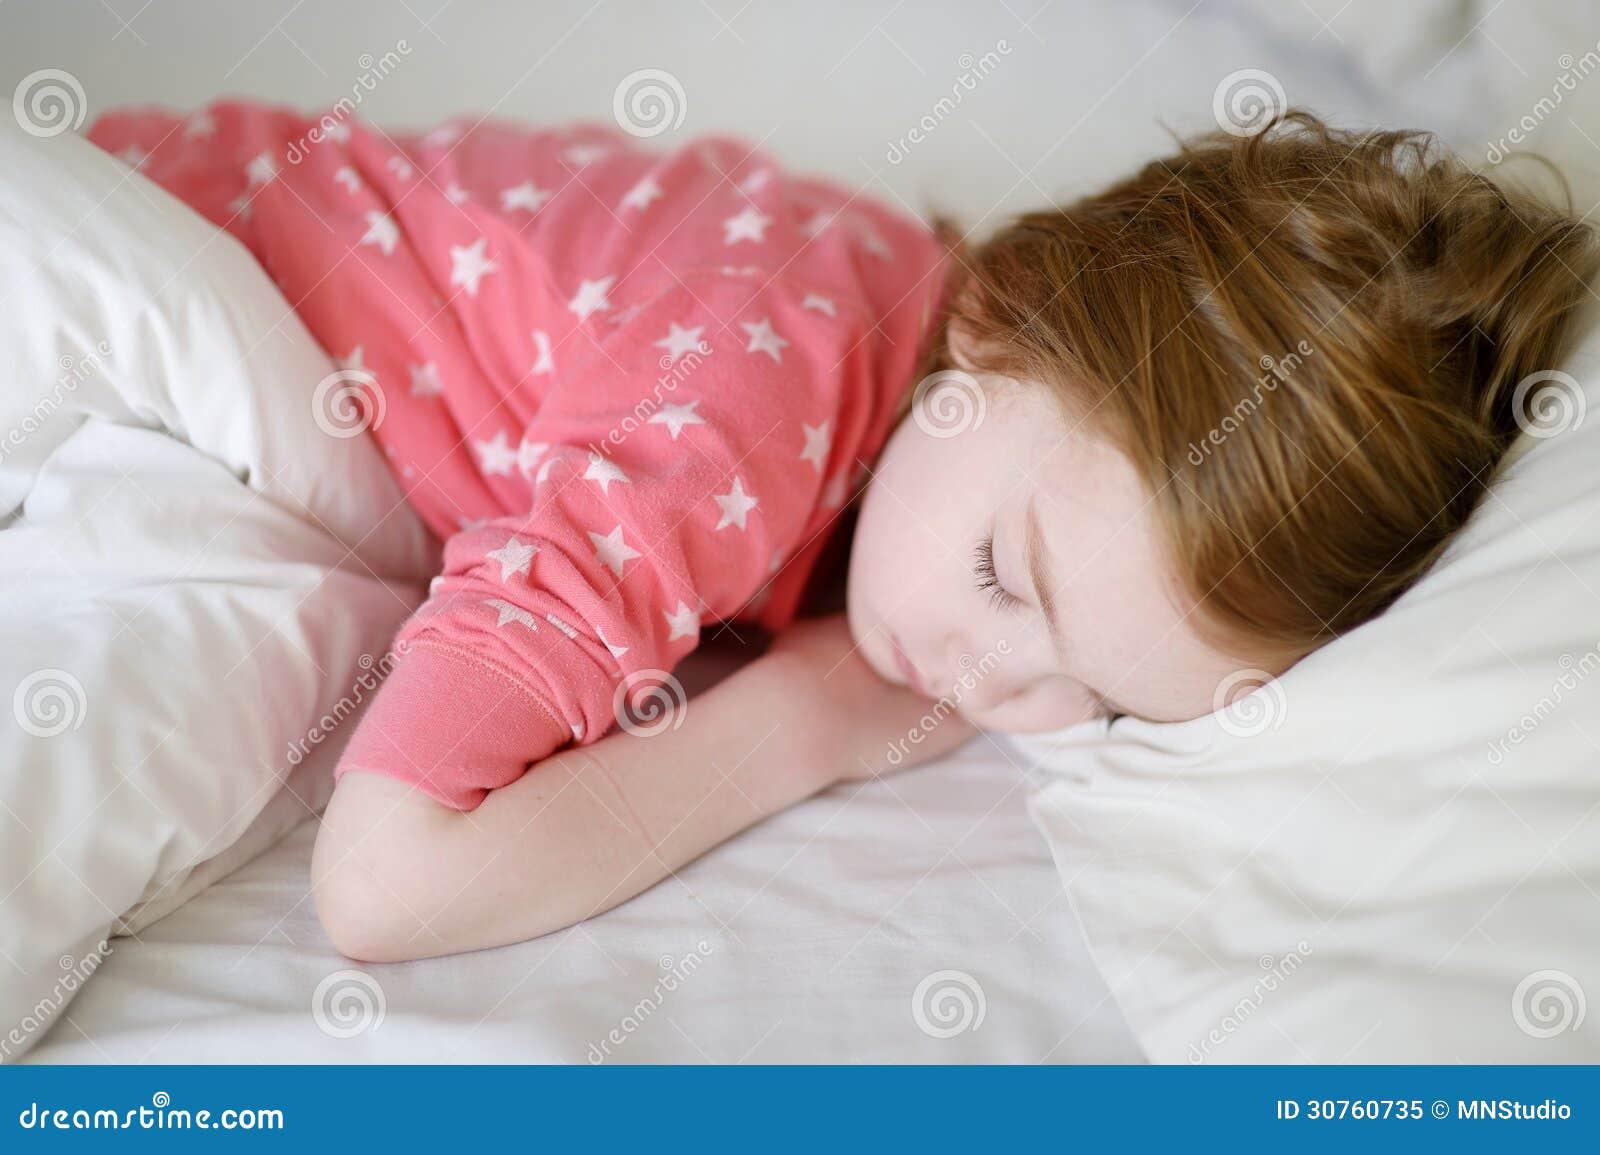 可爱小女孩睡觉 免版税库存照片